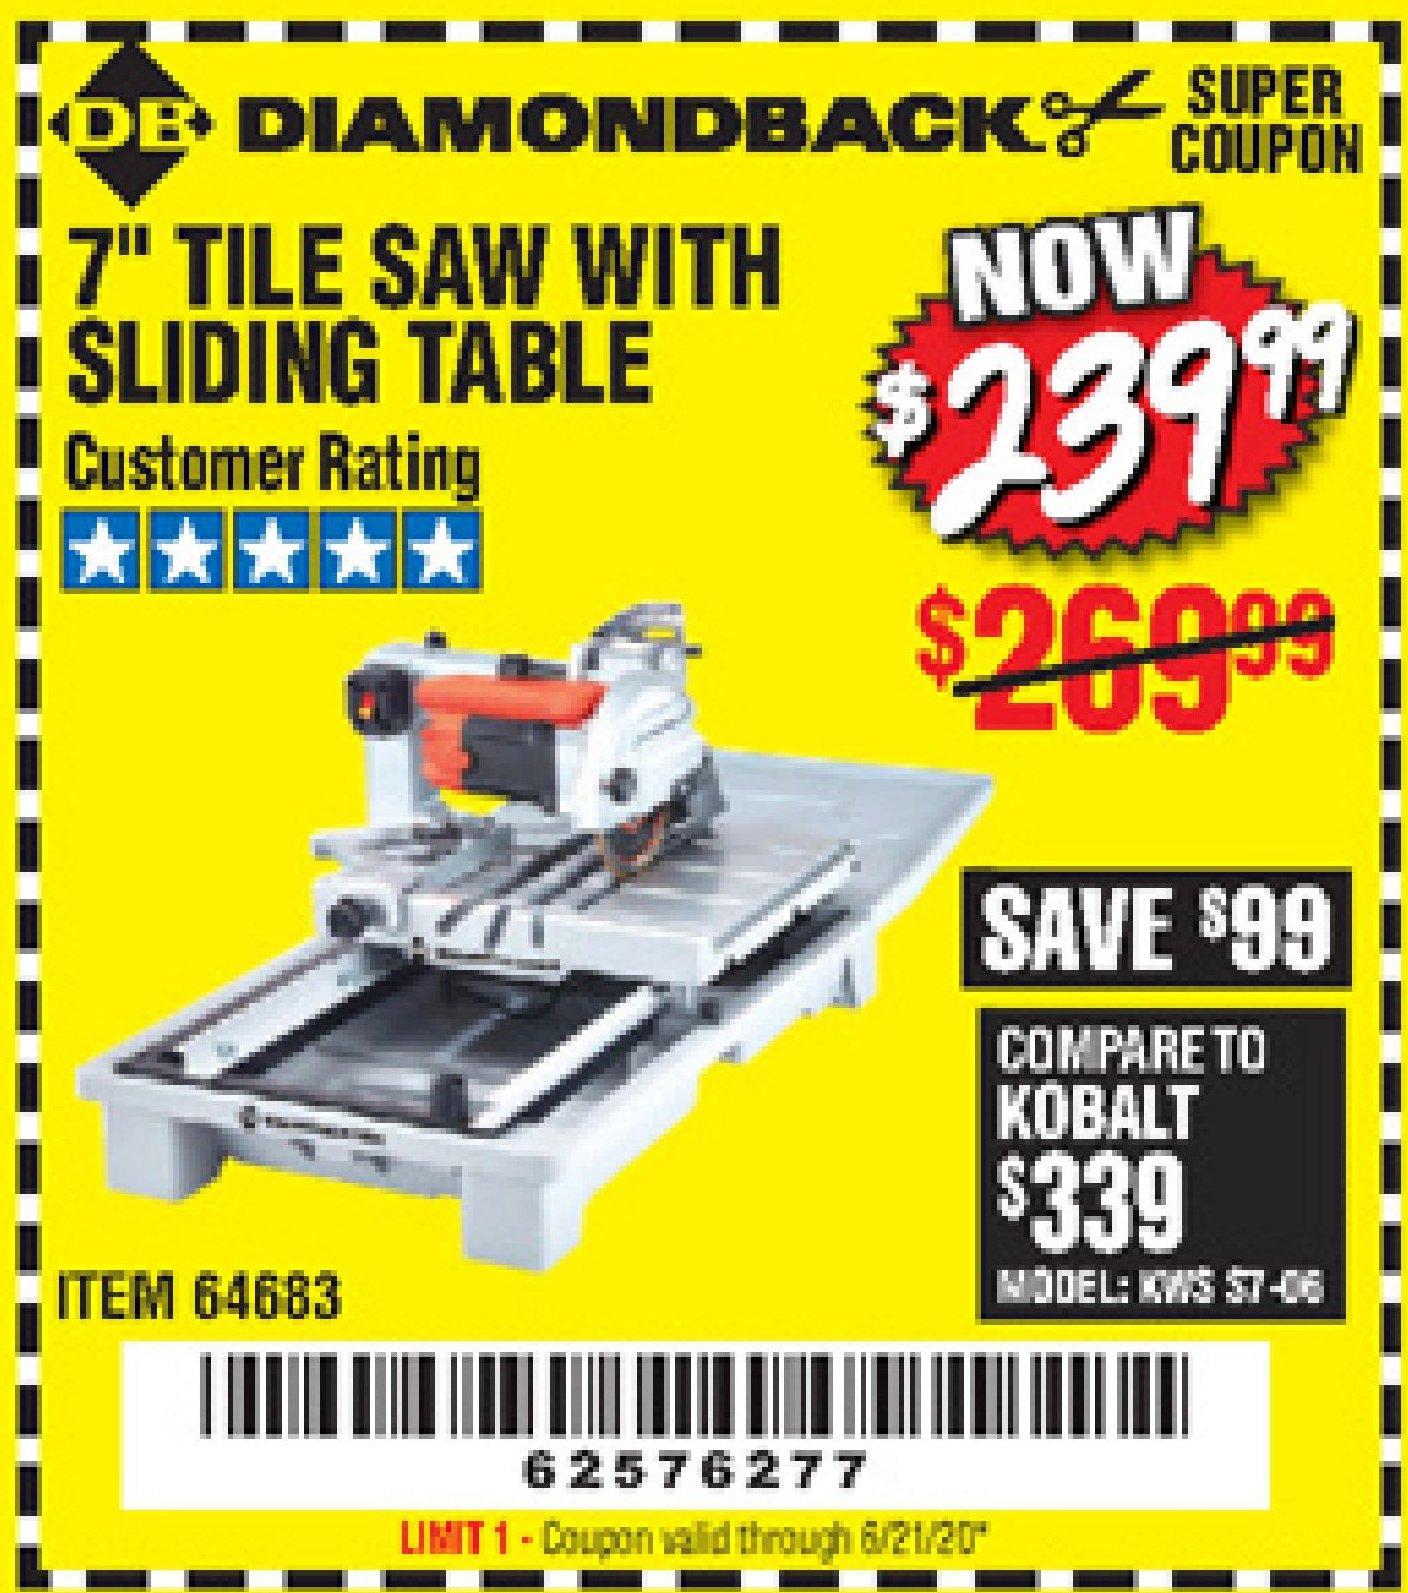 diamondback 7 tile saw with sliding table